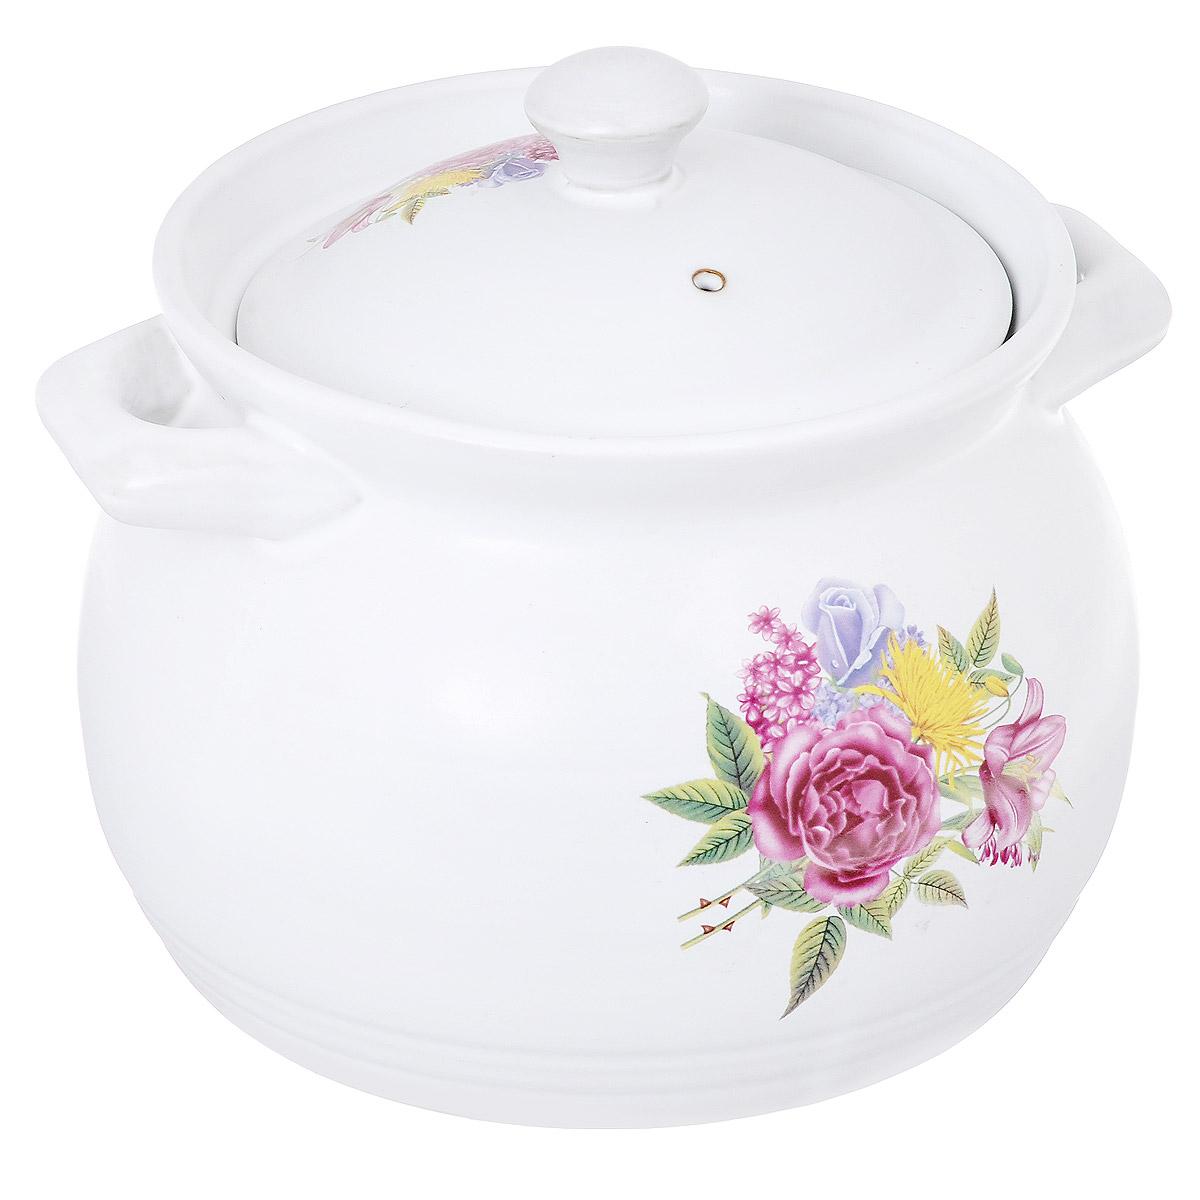 Кастрюля Bekker Розы с крышкой, цвет: белый, 3,8 л94672Кастрюля Bekker изготовлена из жаропрочной керамики и декорирована изображением фруктов. При приготовлении в керамической посуде сохраняются питательные вещества и витамины. Керамика - прочный материал, который эффективно и быстро нагревается и удерживает тепло, медленно и равномерно его распределяя. Кроме того, керамика термостойка: она выдерживает температуру от - 30°С до 230°С. Кастрюля оснащена удобными ручками. Крышка изготовлена из керамики и оснащена отверстием для выхода пара. Она плотно прилегает к краю кастрюли, сохраняя аромат блюд. Можно использовать на газовой, электрической, керамической плитах и в духовом шкафу. Рекомендована ручная чистка.Высота стенки кастрюли: 16,2 см.Толщина стенки кастрюли: 5 мм.Толщина дна кастрюли: 4 мм.Ширина кастрюли с учетом ручек: 23 см.Диаметр дна кастрюли: 18,5 см.